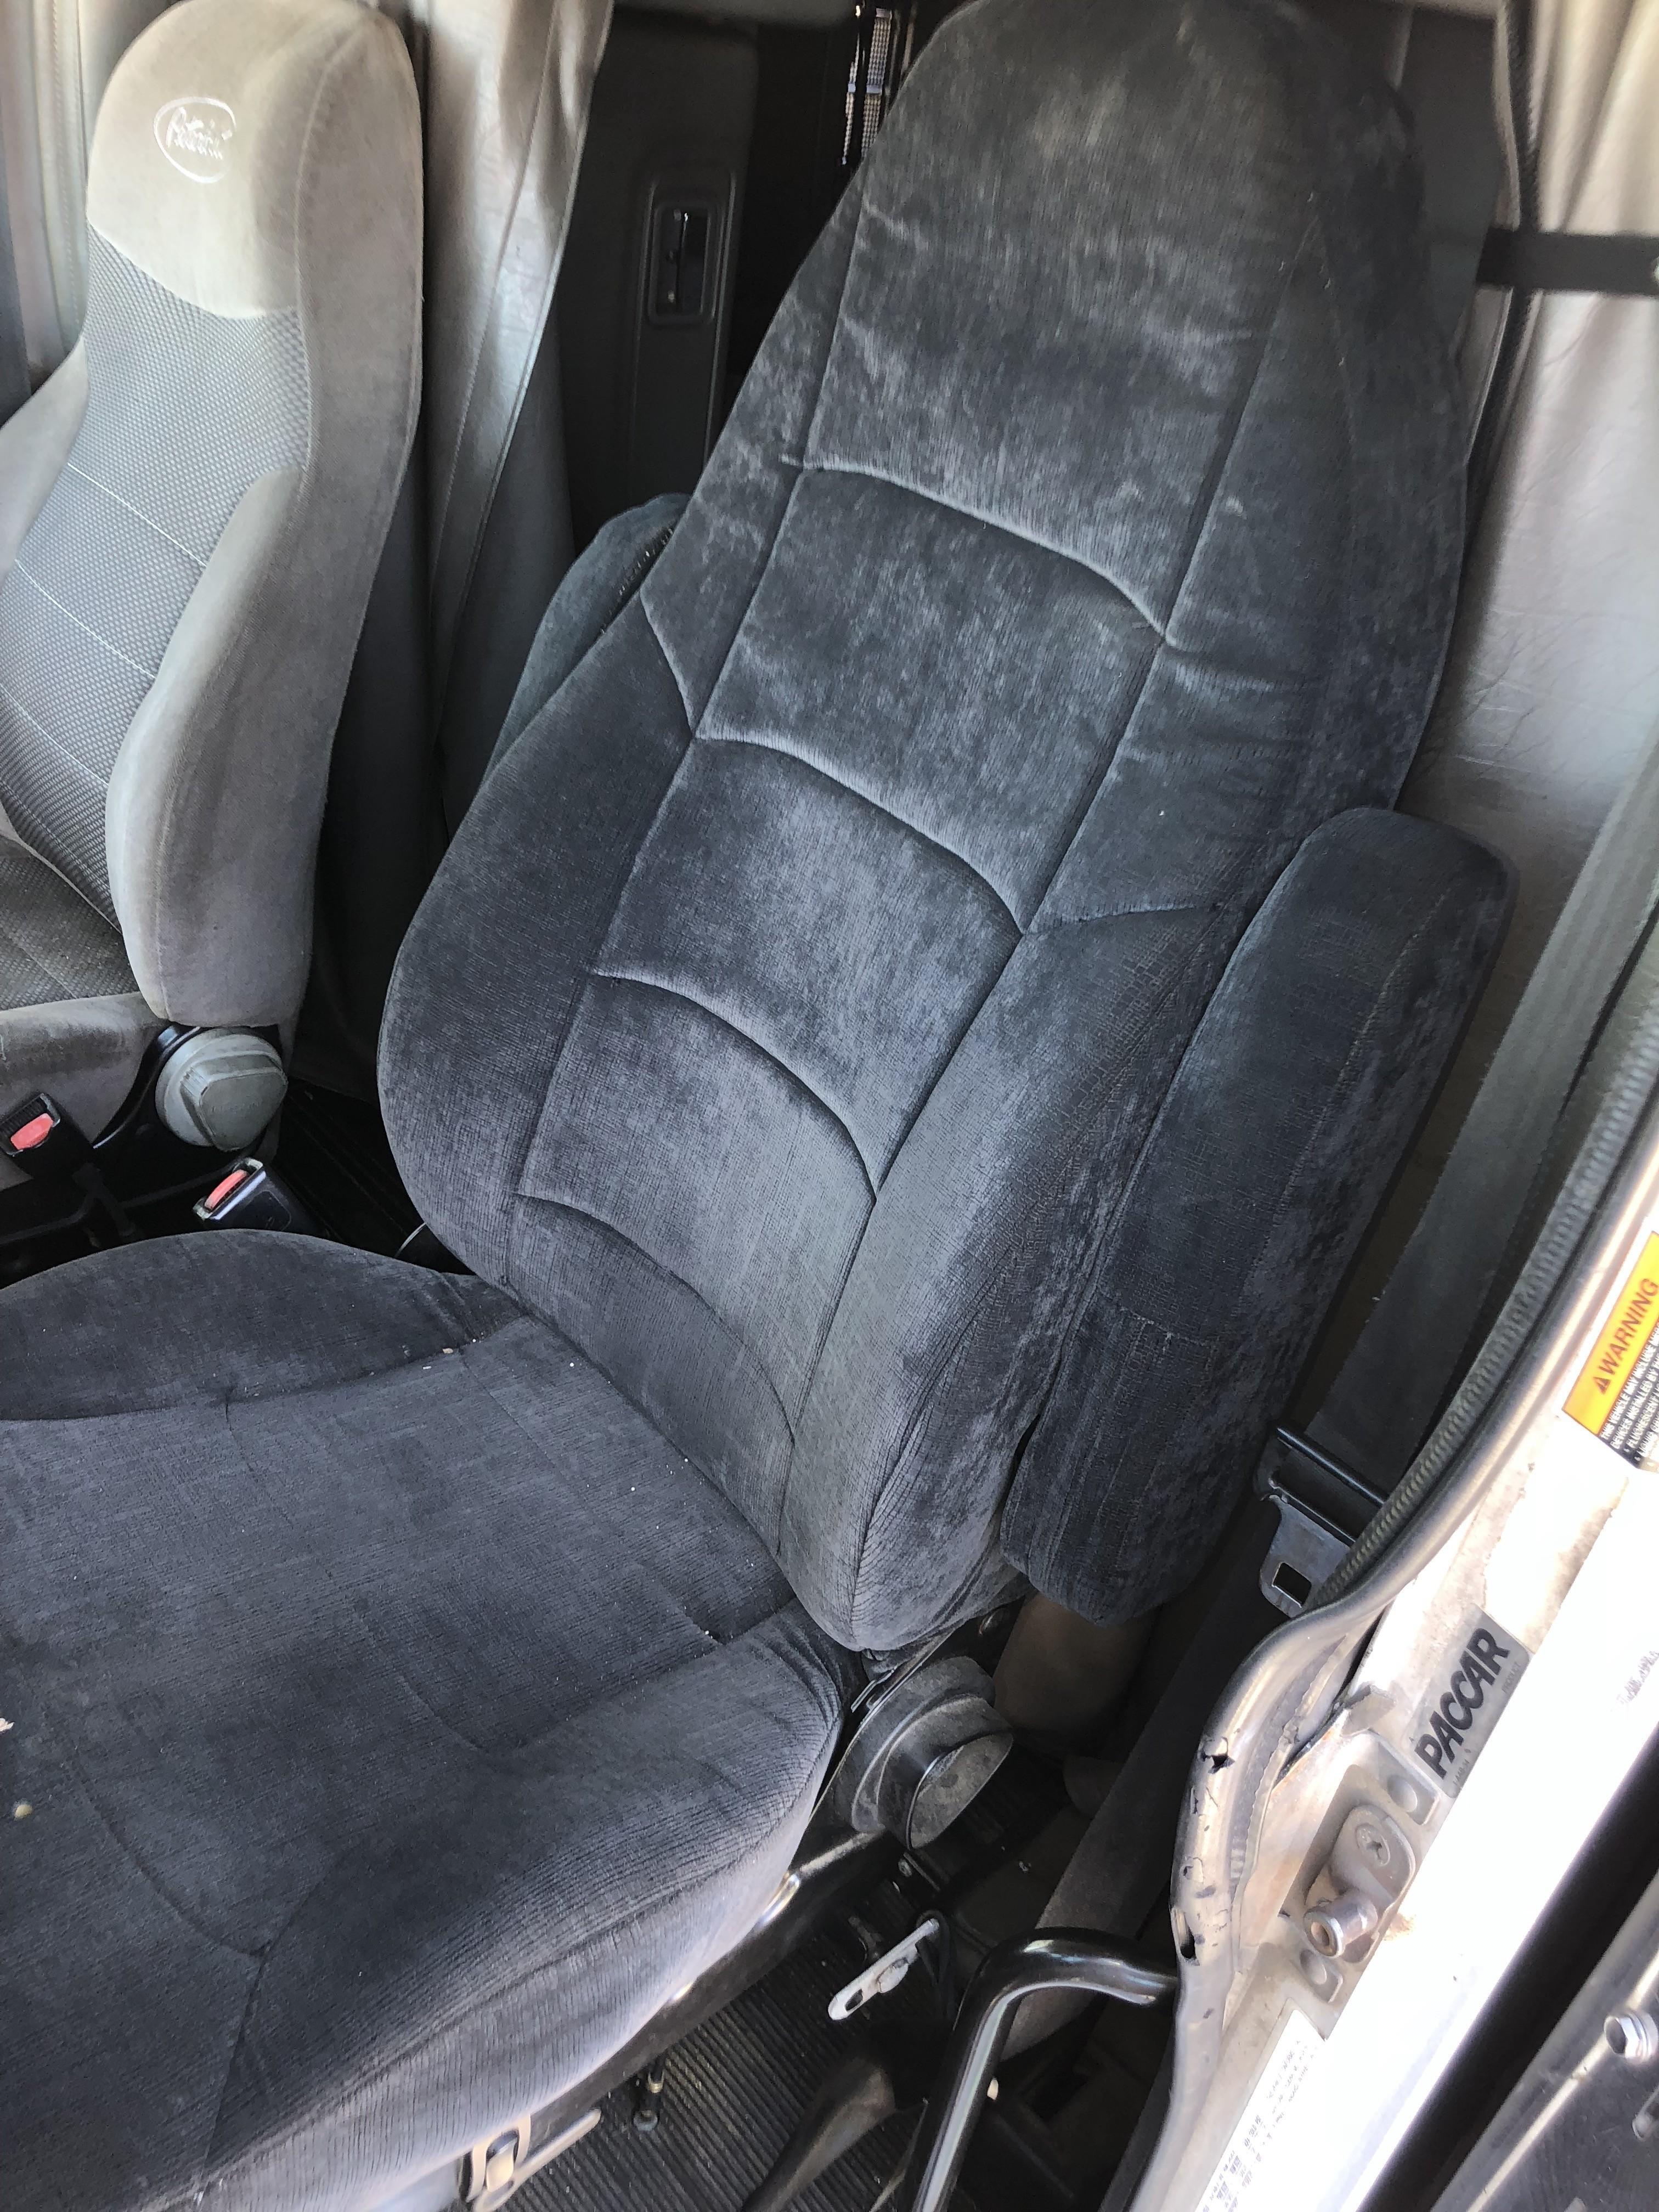 Used 2008 Peterbilt 388 for sale-59087092